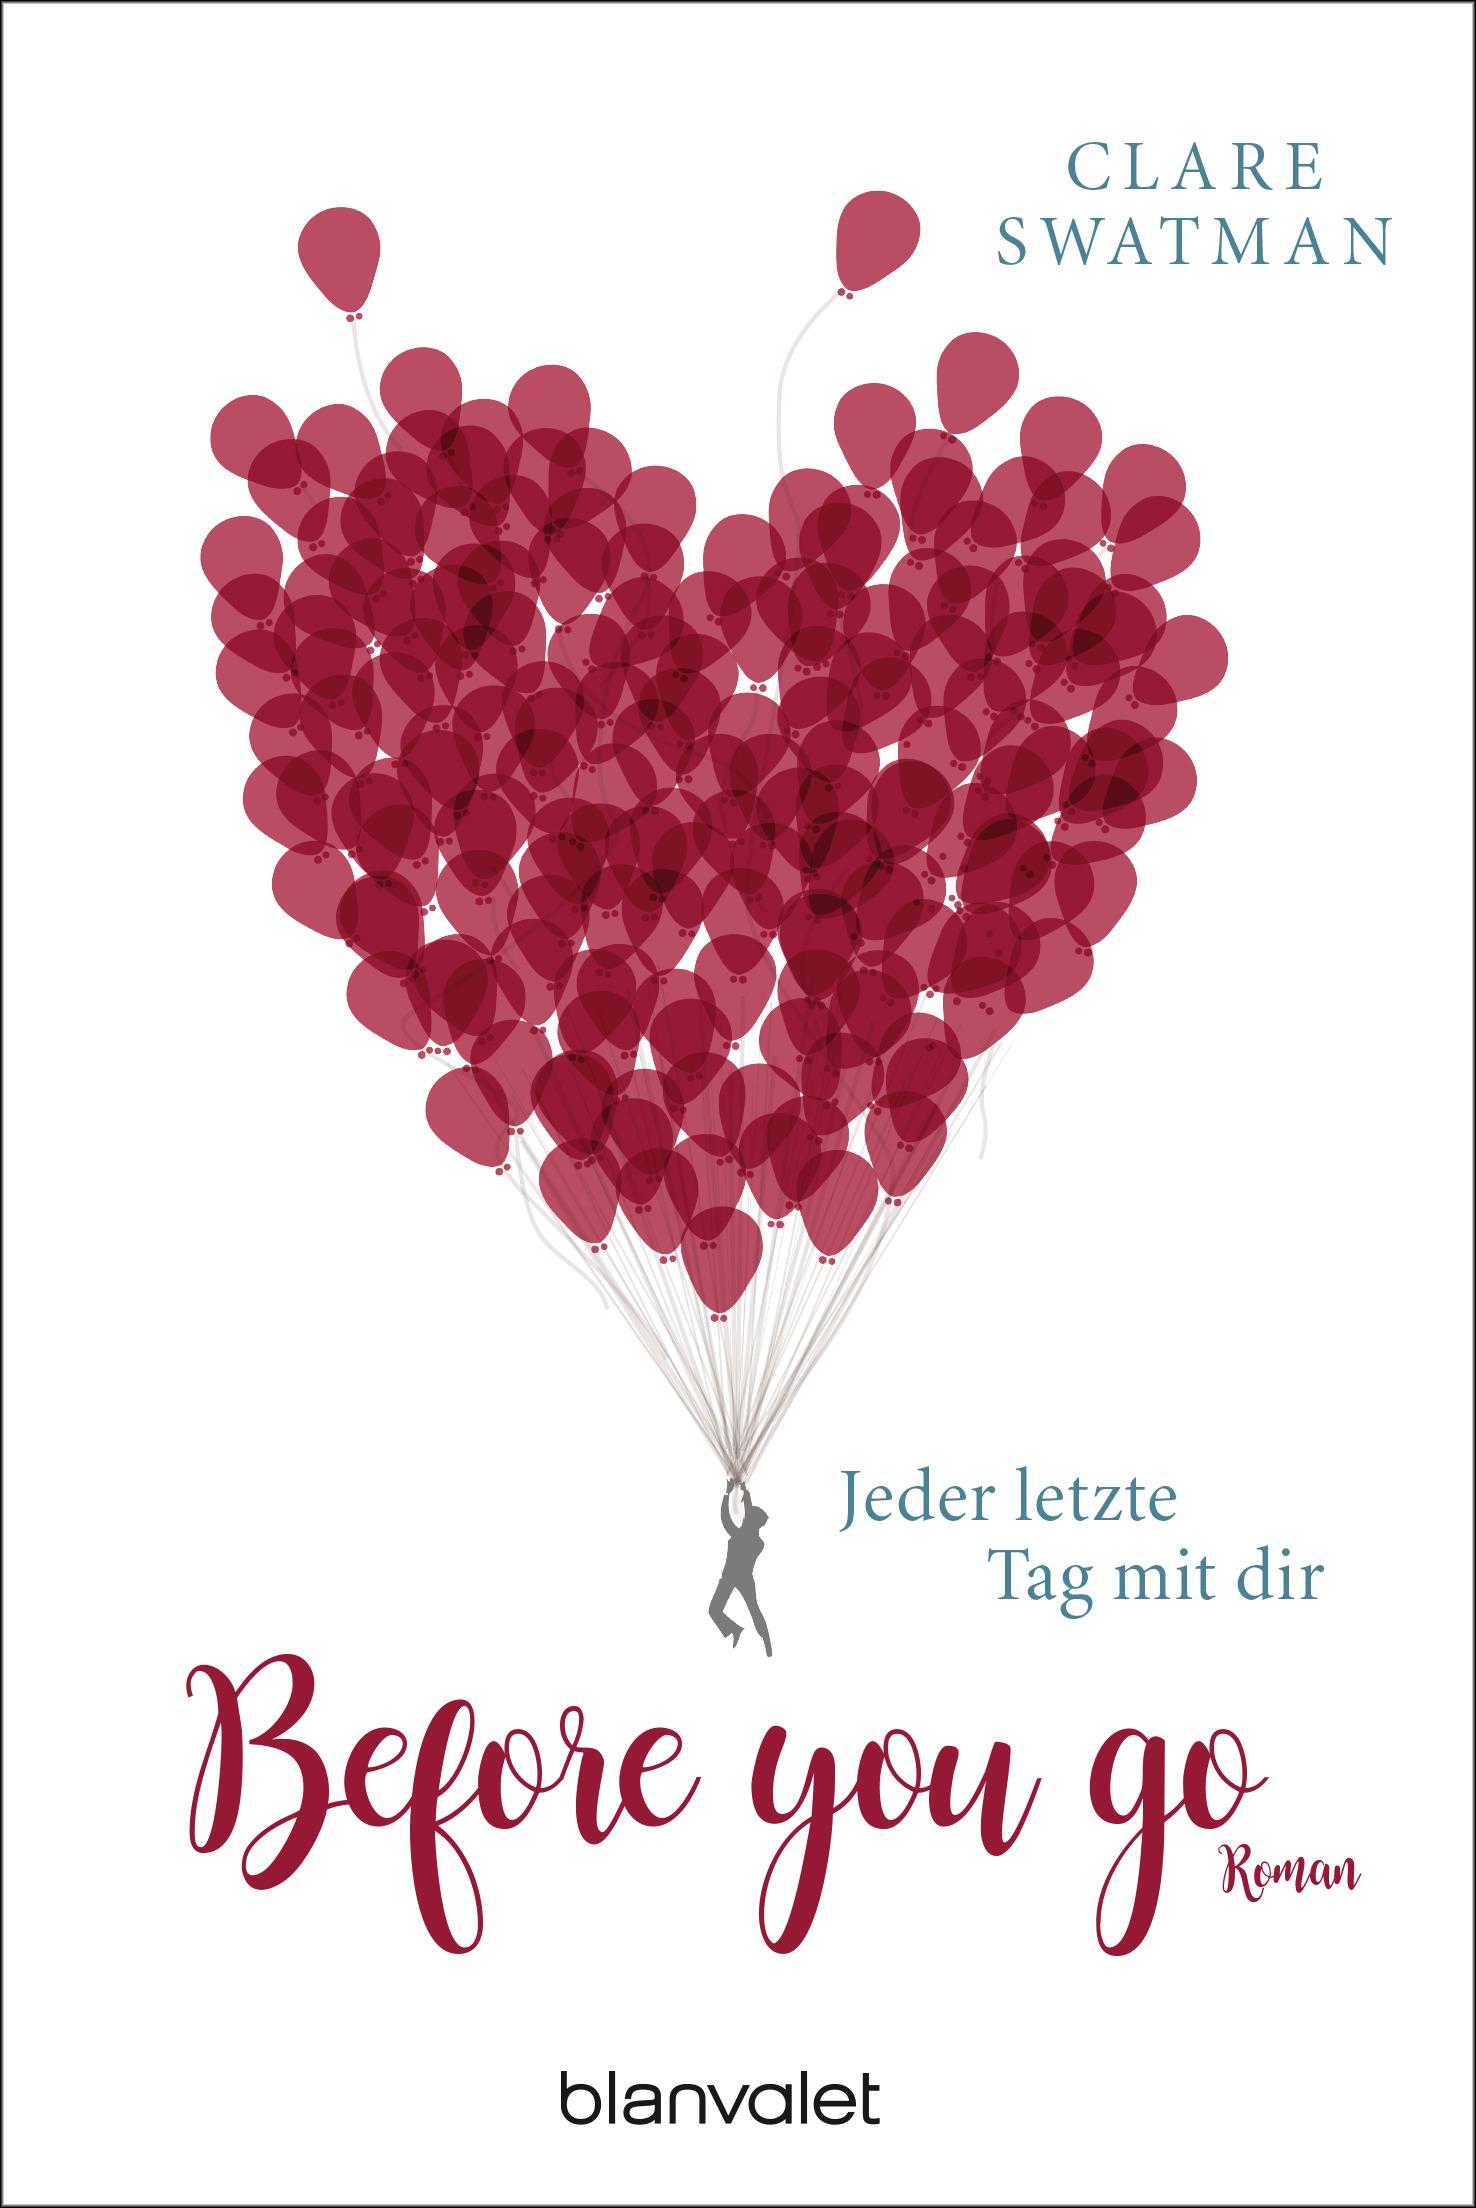 [Werbung] Before you go: Jeder letzte Tag mit dir – Clare Swatman